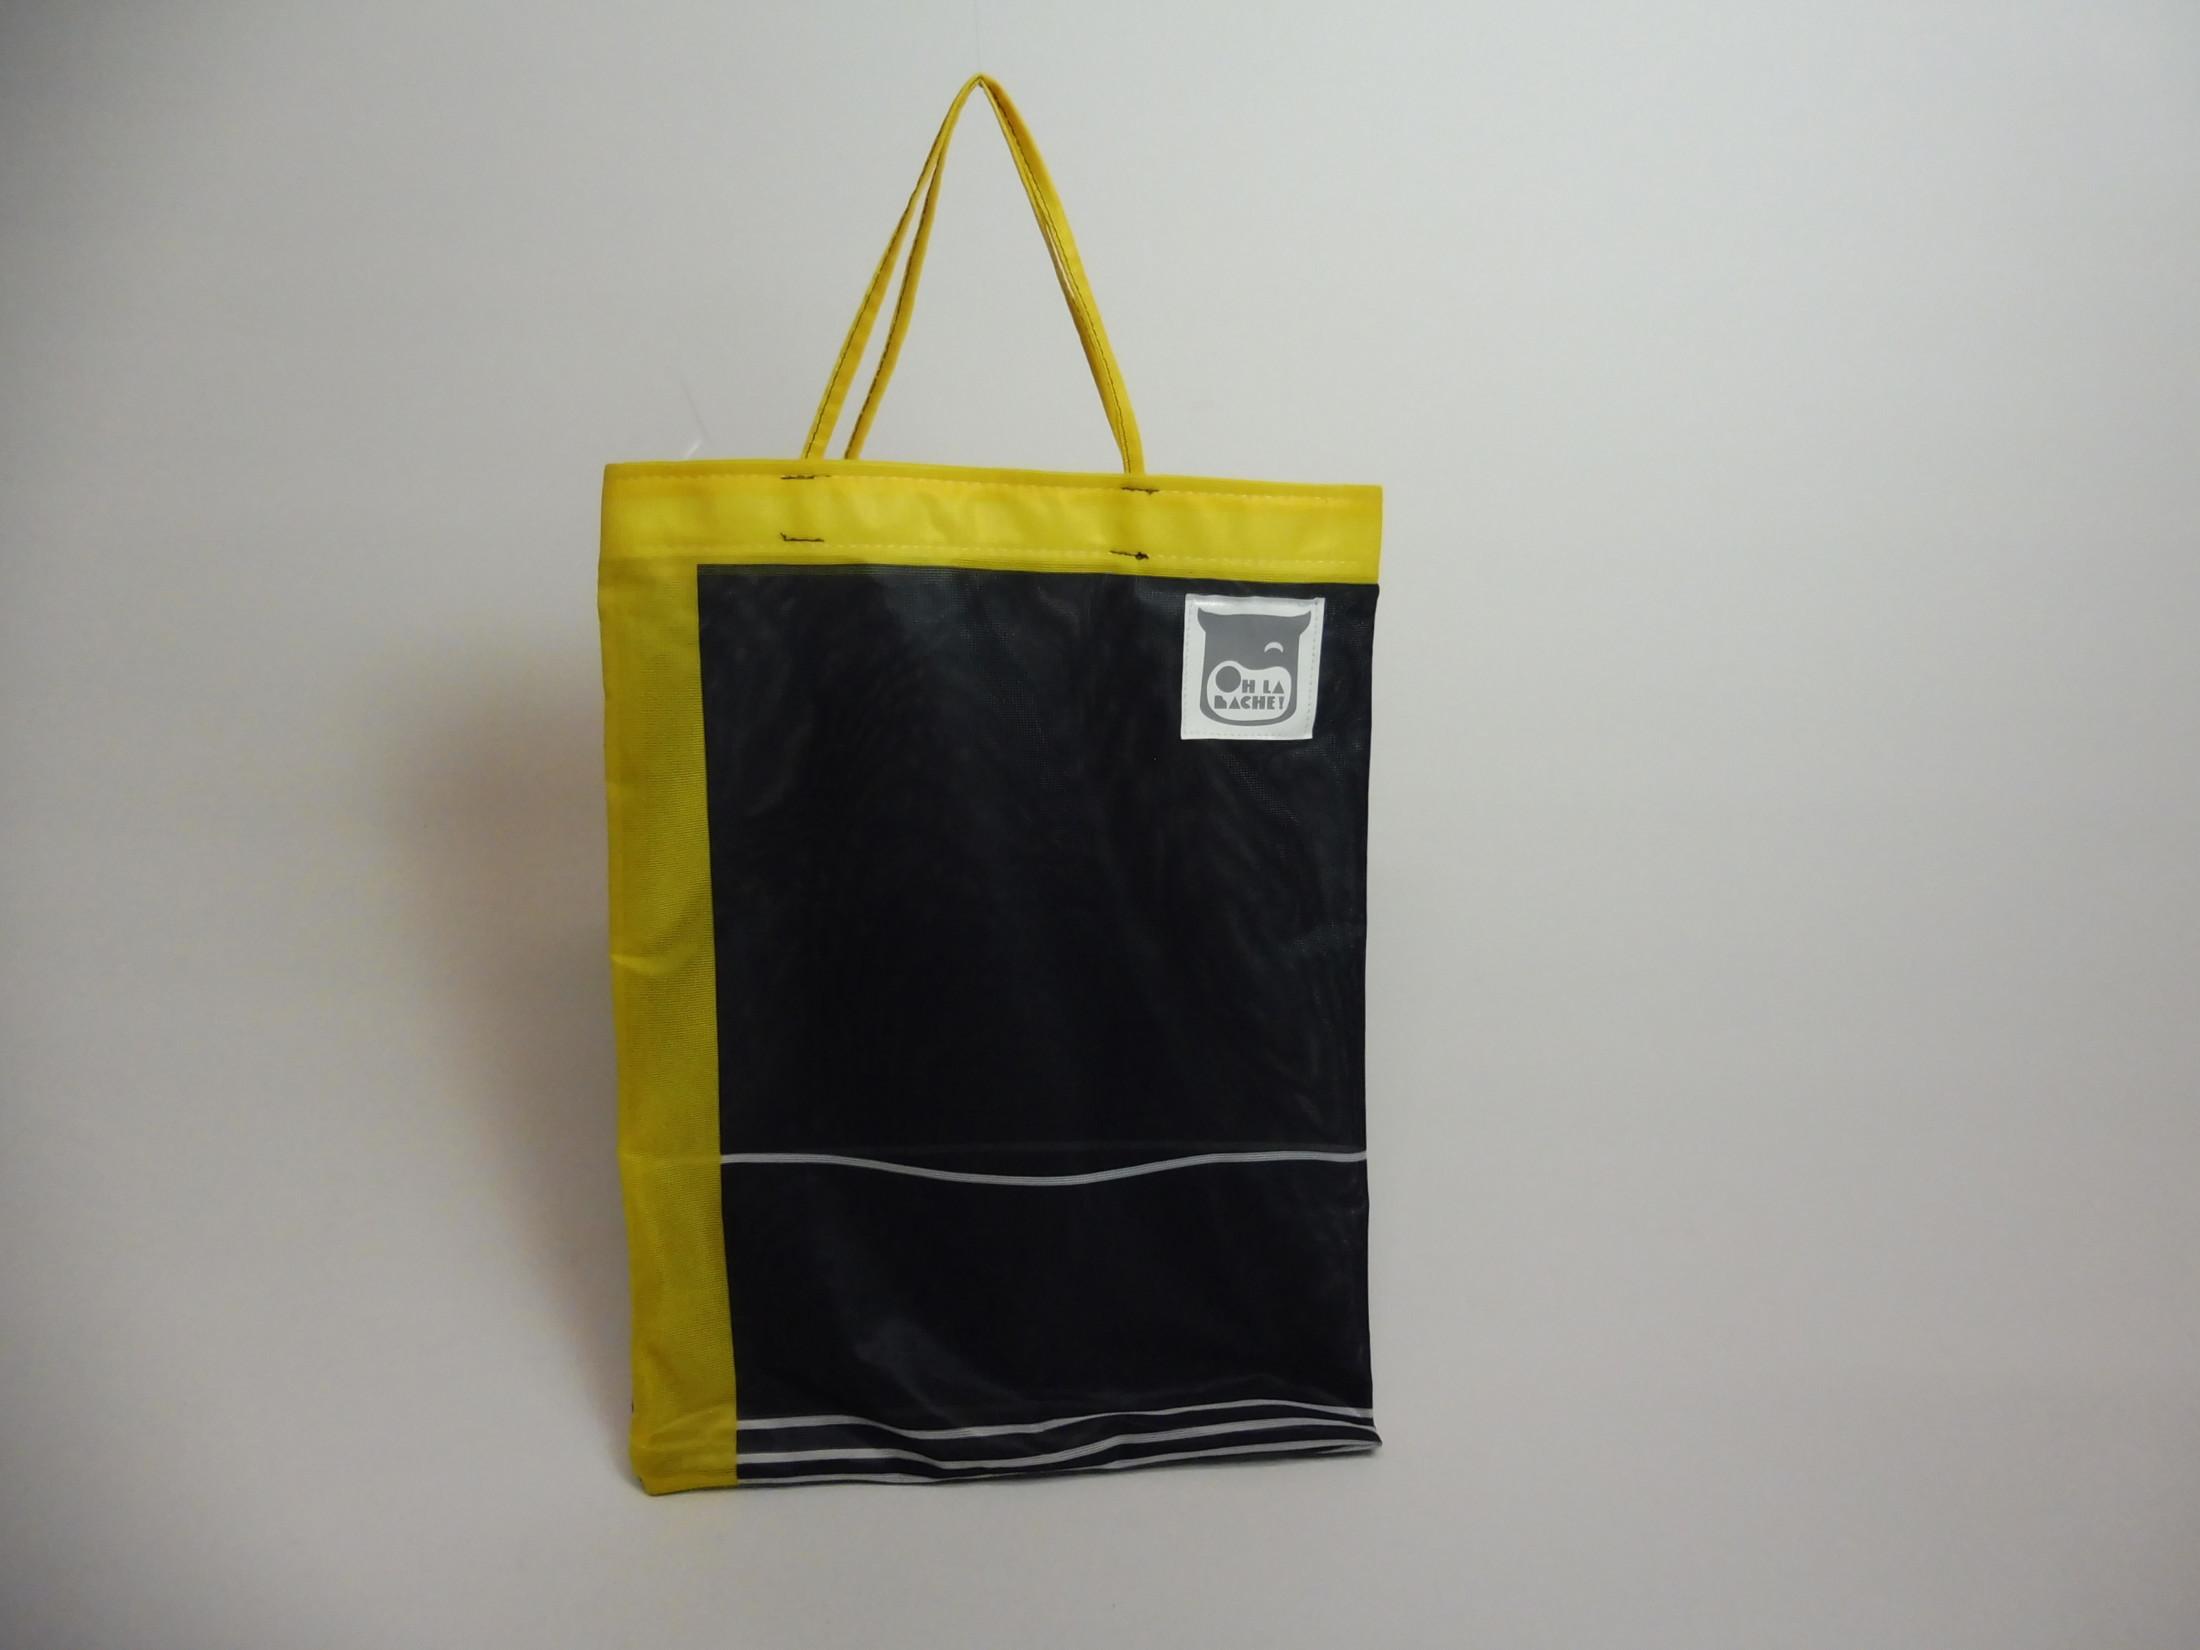 TOBIAS Tote bag en bâche by Oh_la_bâche 27×35